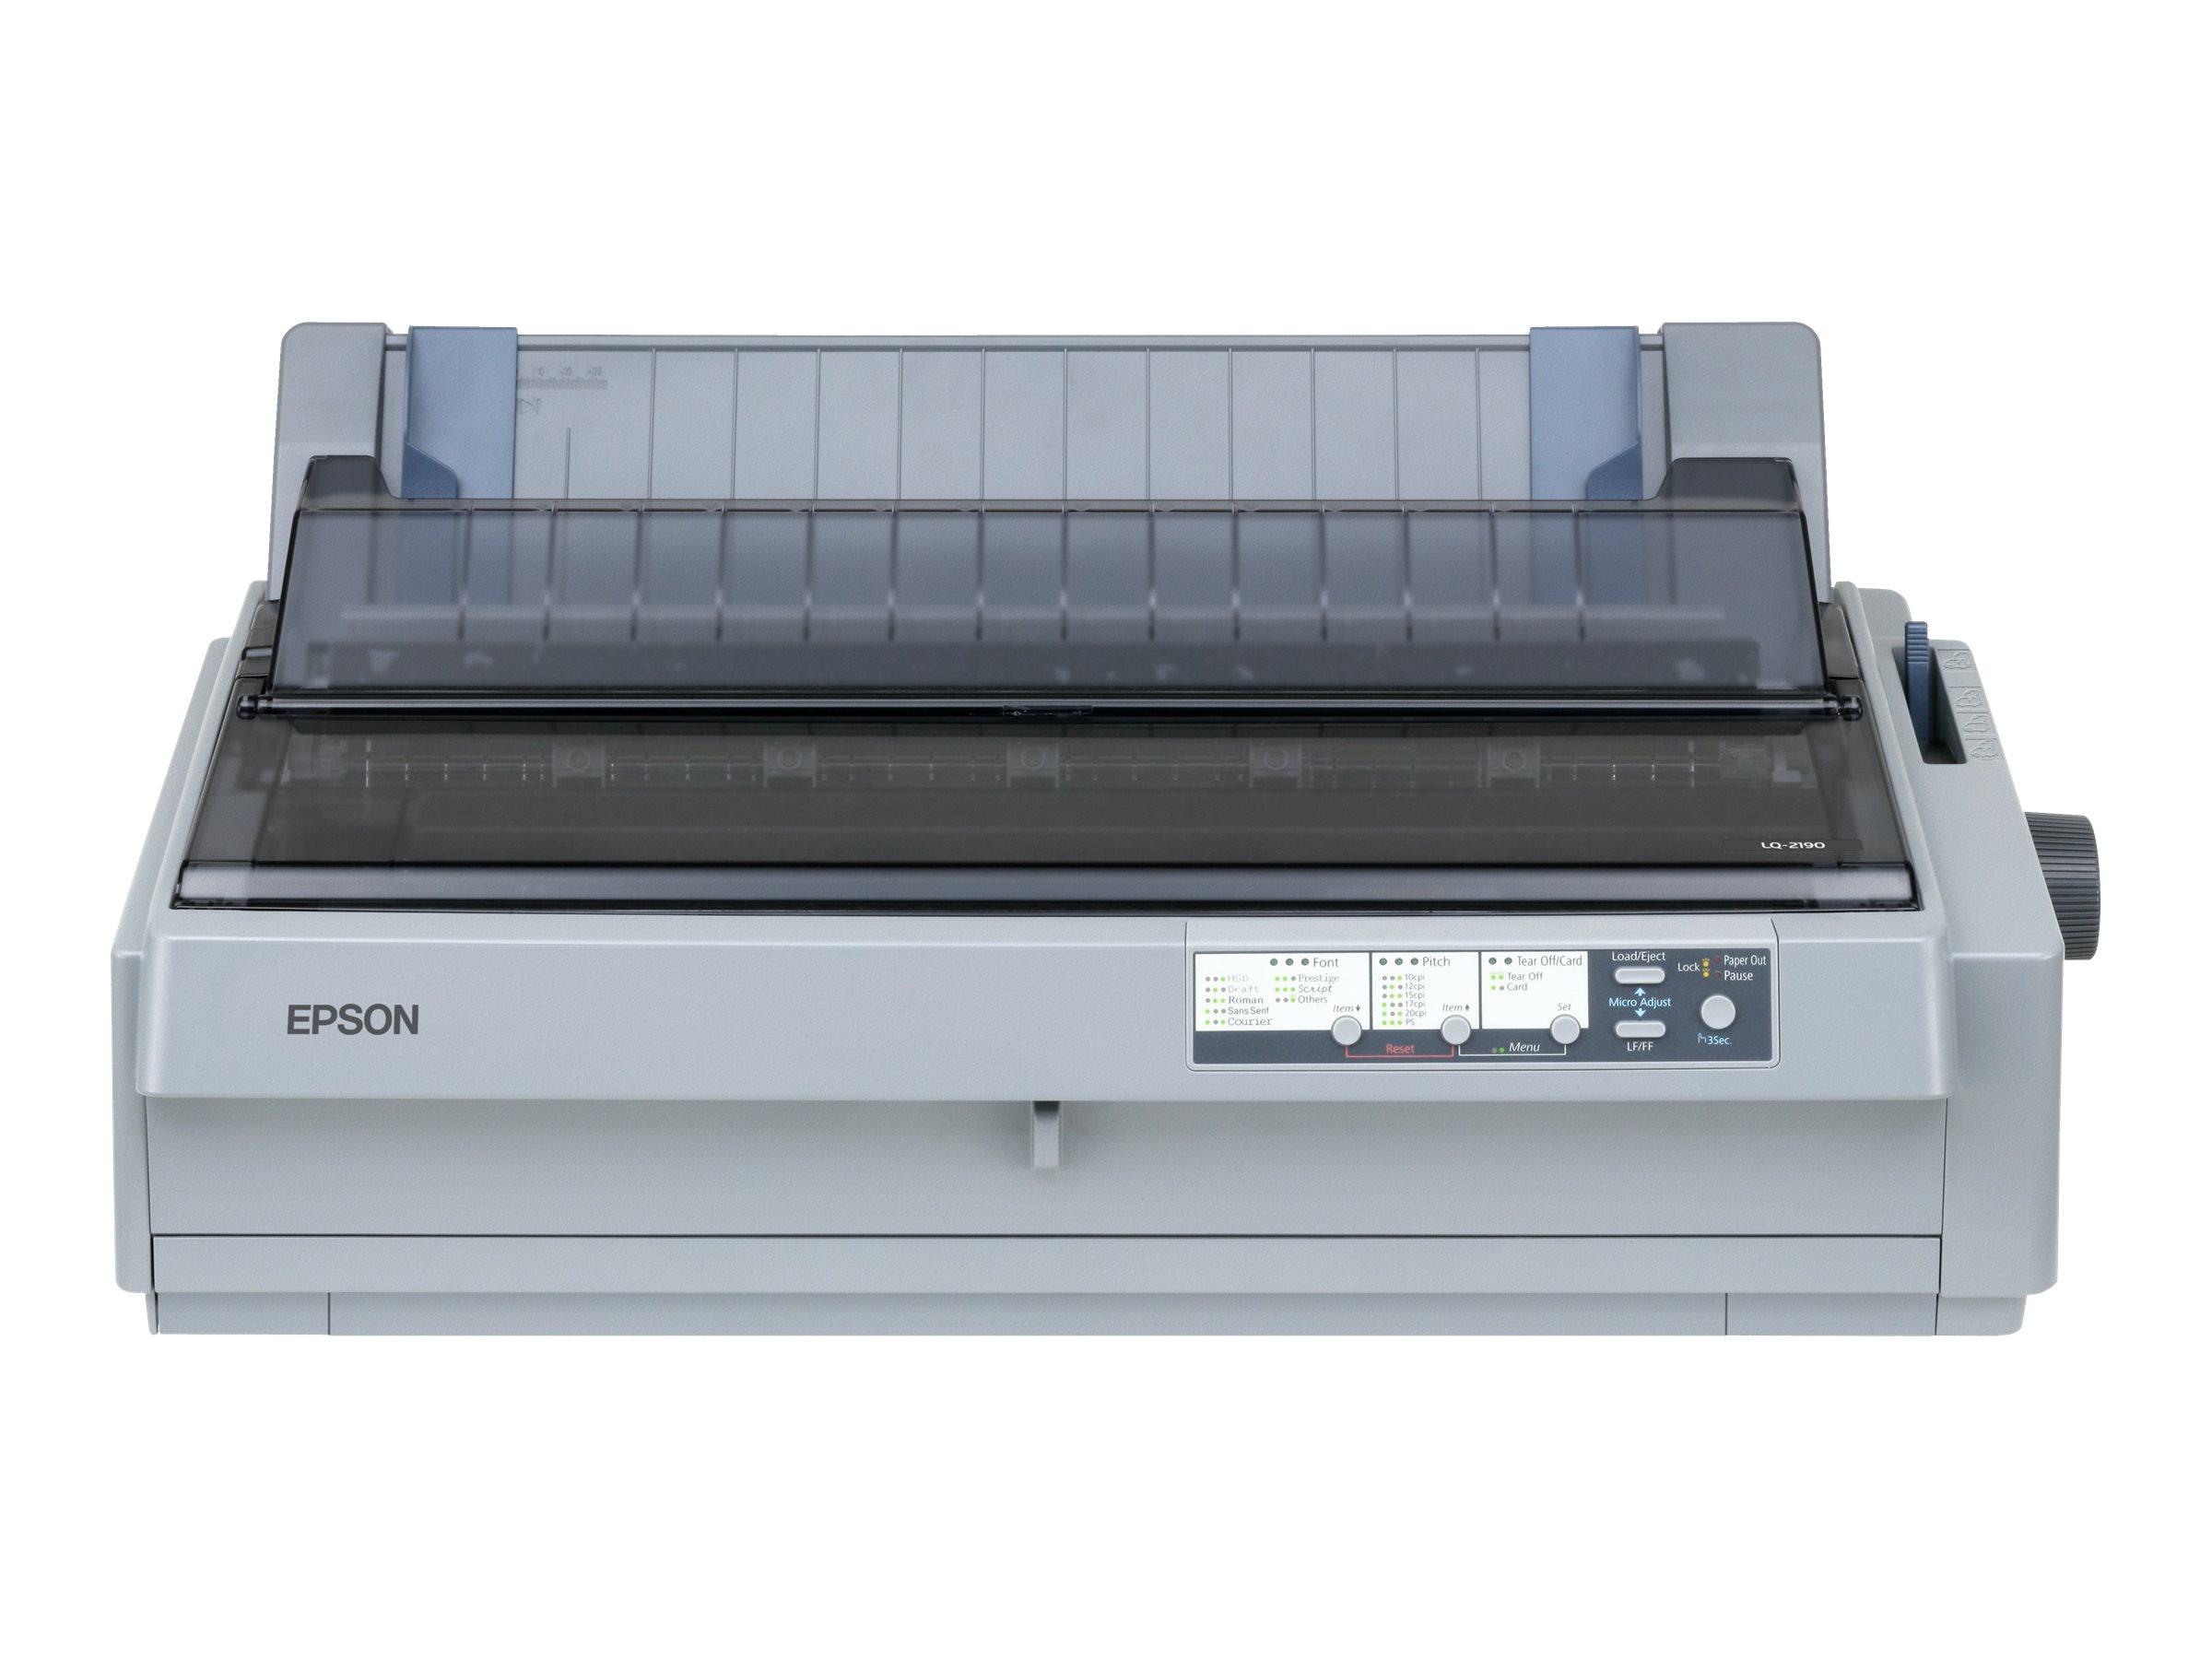 Epson LQ 2190 - Drucker - monochrom - Punktmatrix - 10 cpi - 24 Pin